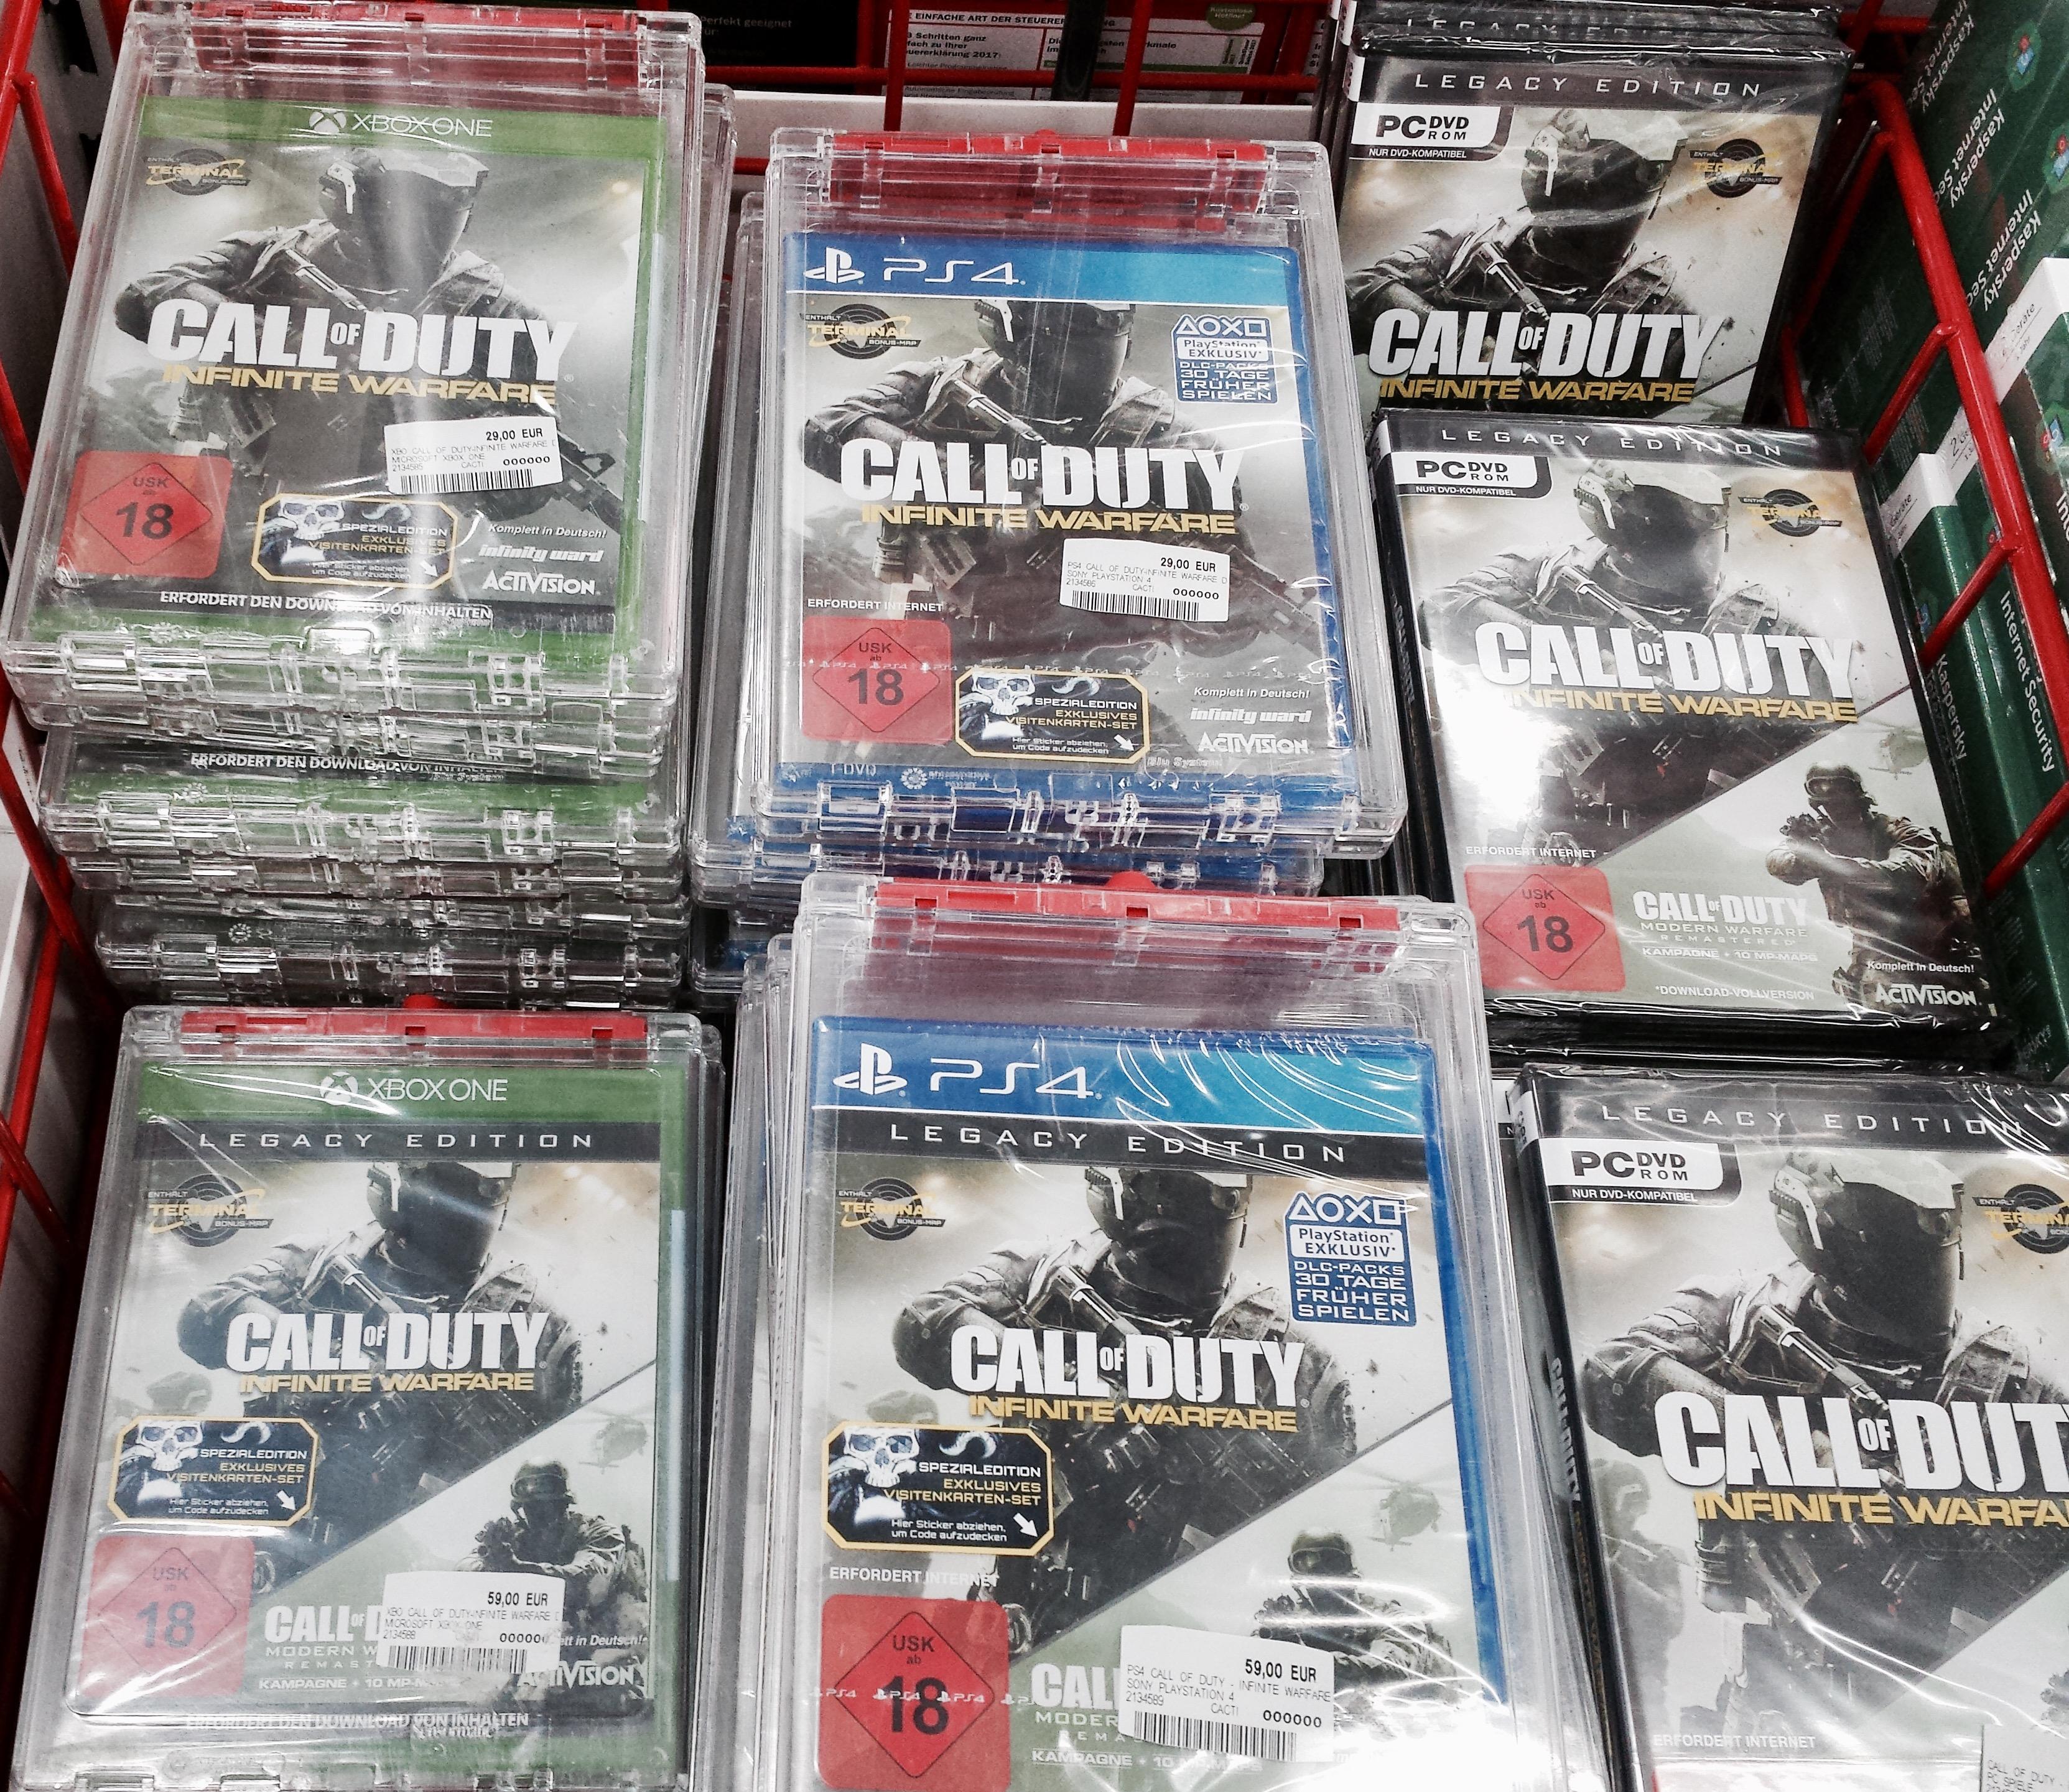 (Offline und Online Media Markt/EBay) Bundesweit Call of Duty Infinite Warefare für 29€ (Xbox/PS4/PCs)